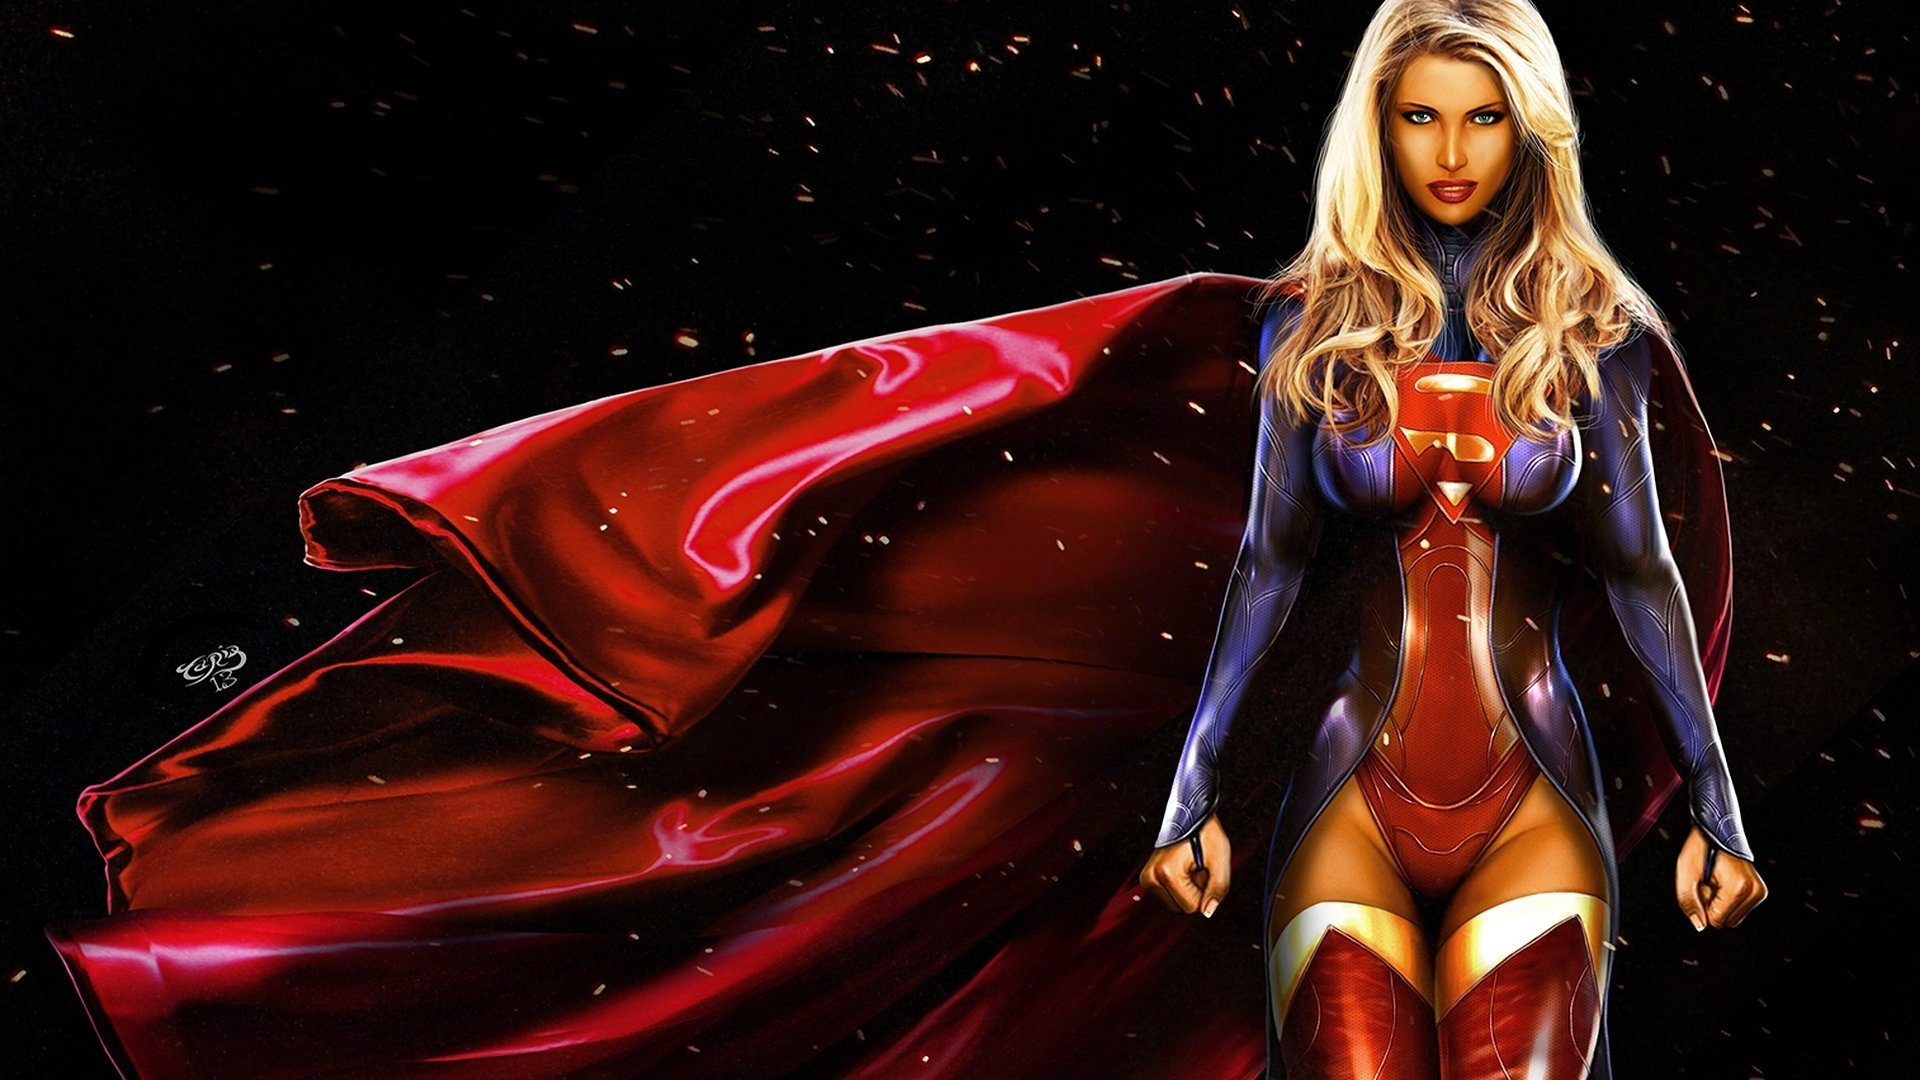 1280x1024 Wonder Woman Movie 1280x1024 Resolution Hd 4k: Wallpaper : Une Série Exceptionnelle Spécial Marvel Et Dc